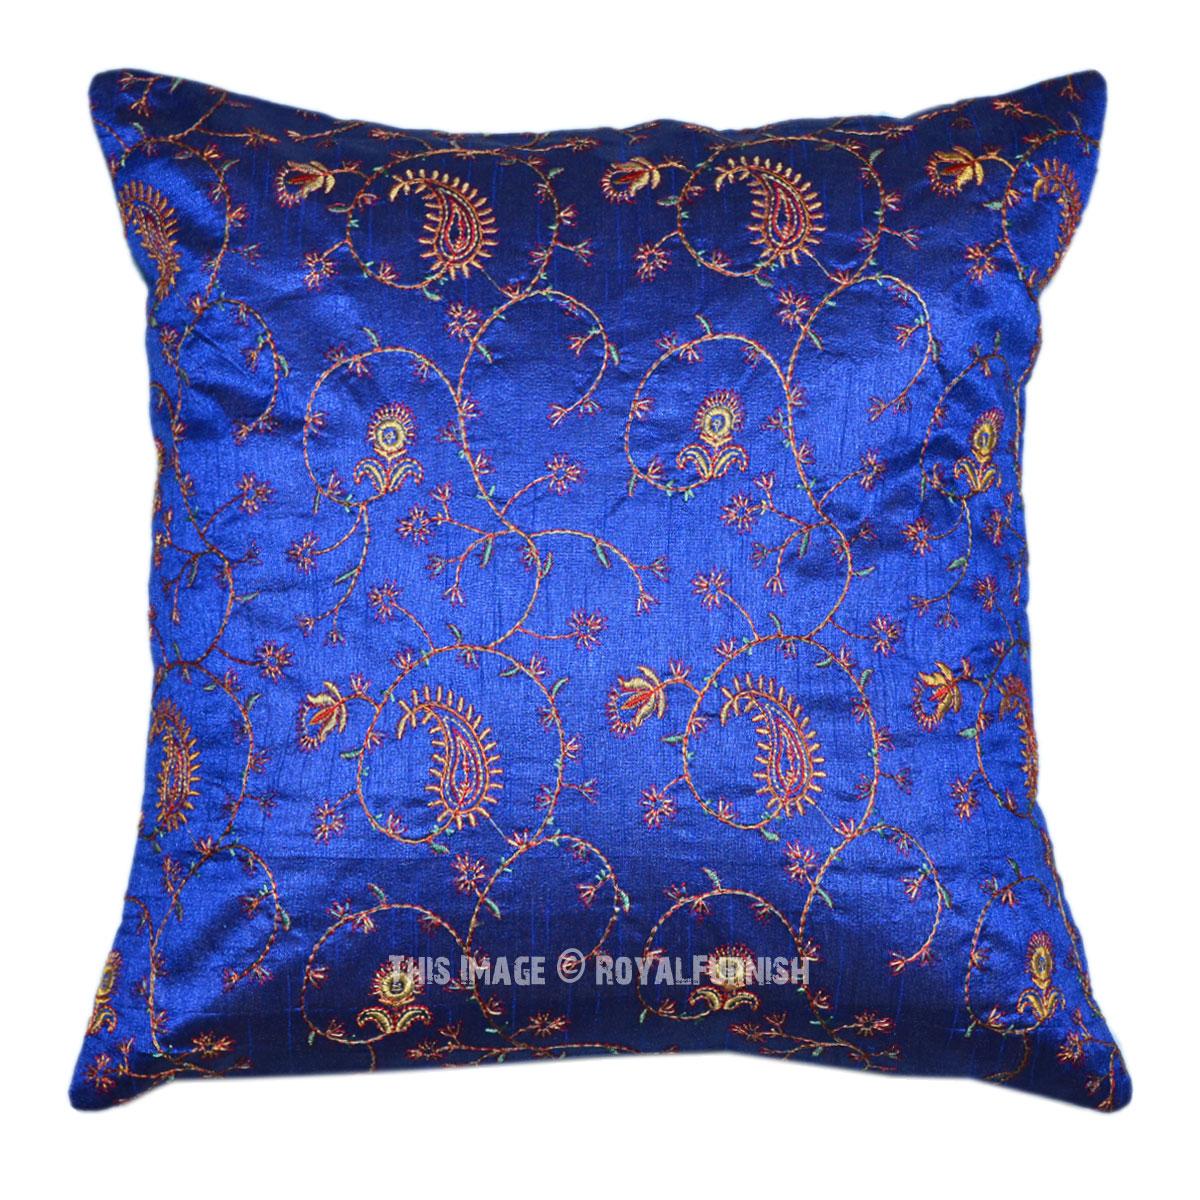 Blue Indian Handicraft Silk Floral Embroidery Toss Pillow